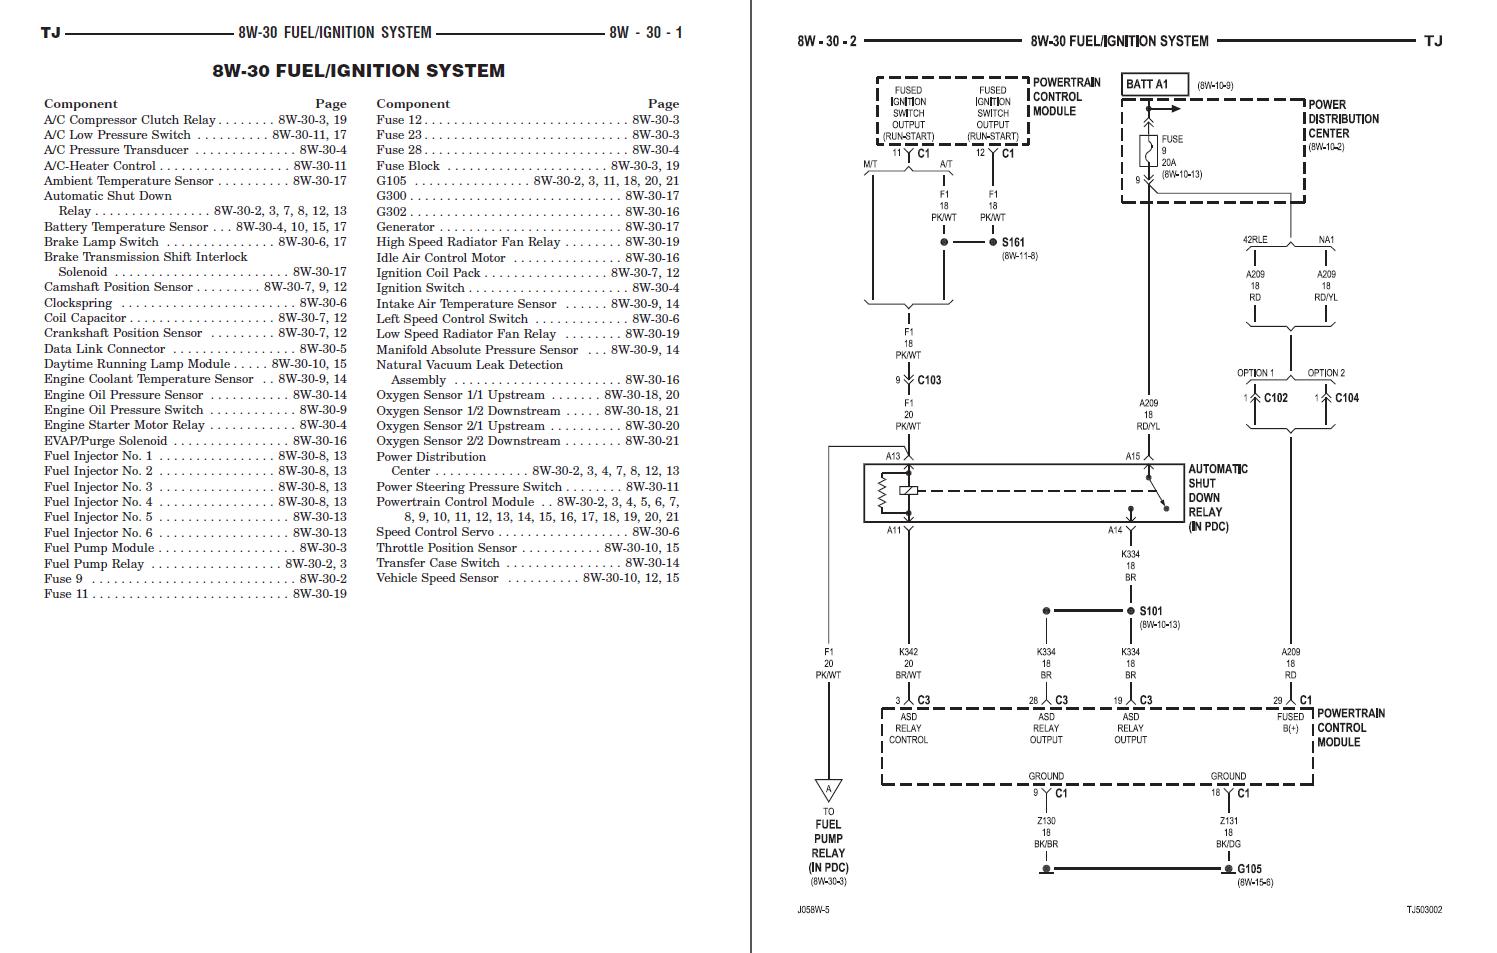 2000 2001 jeep wrangler tj factory repair service manual